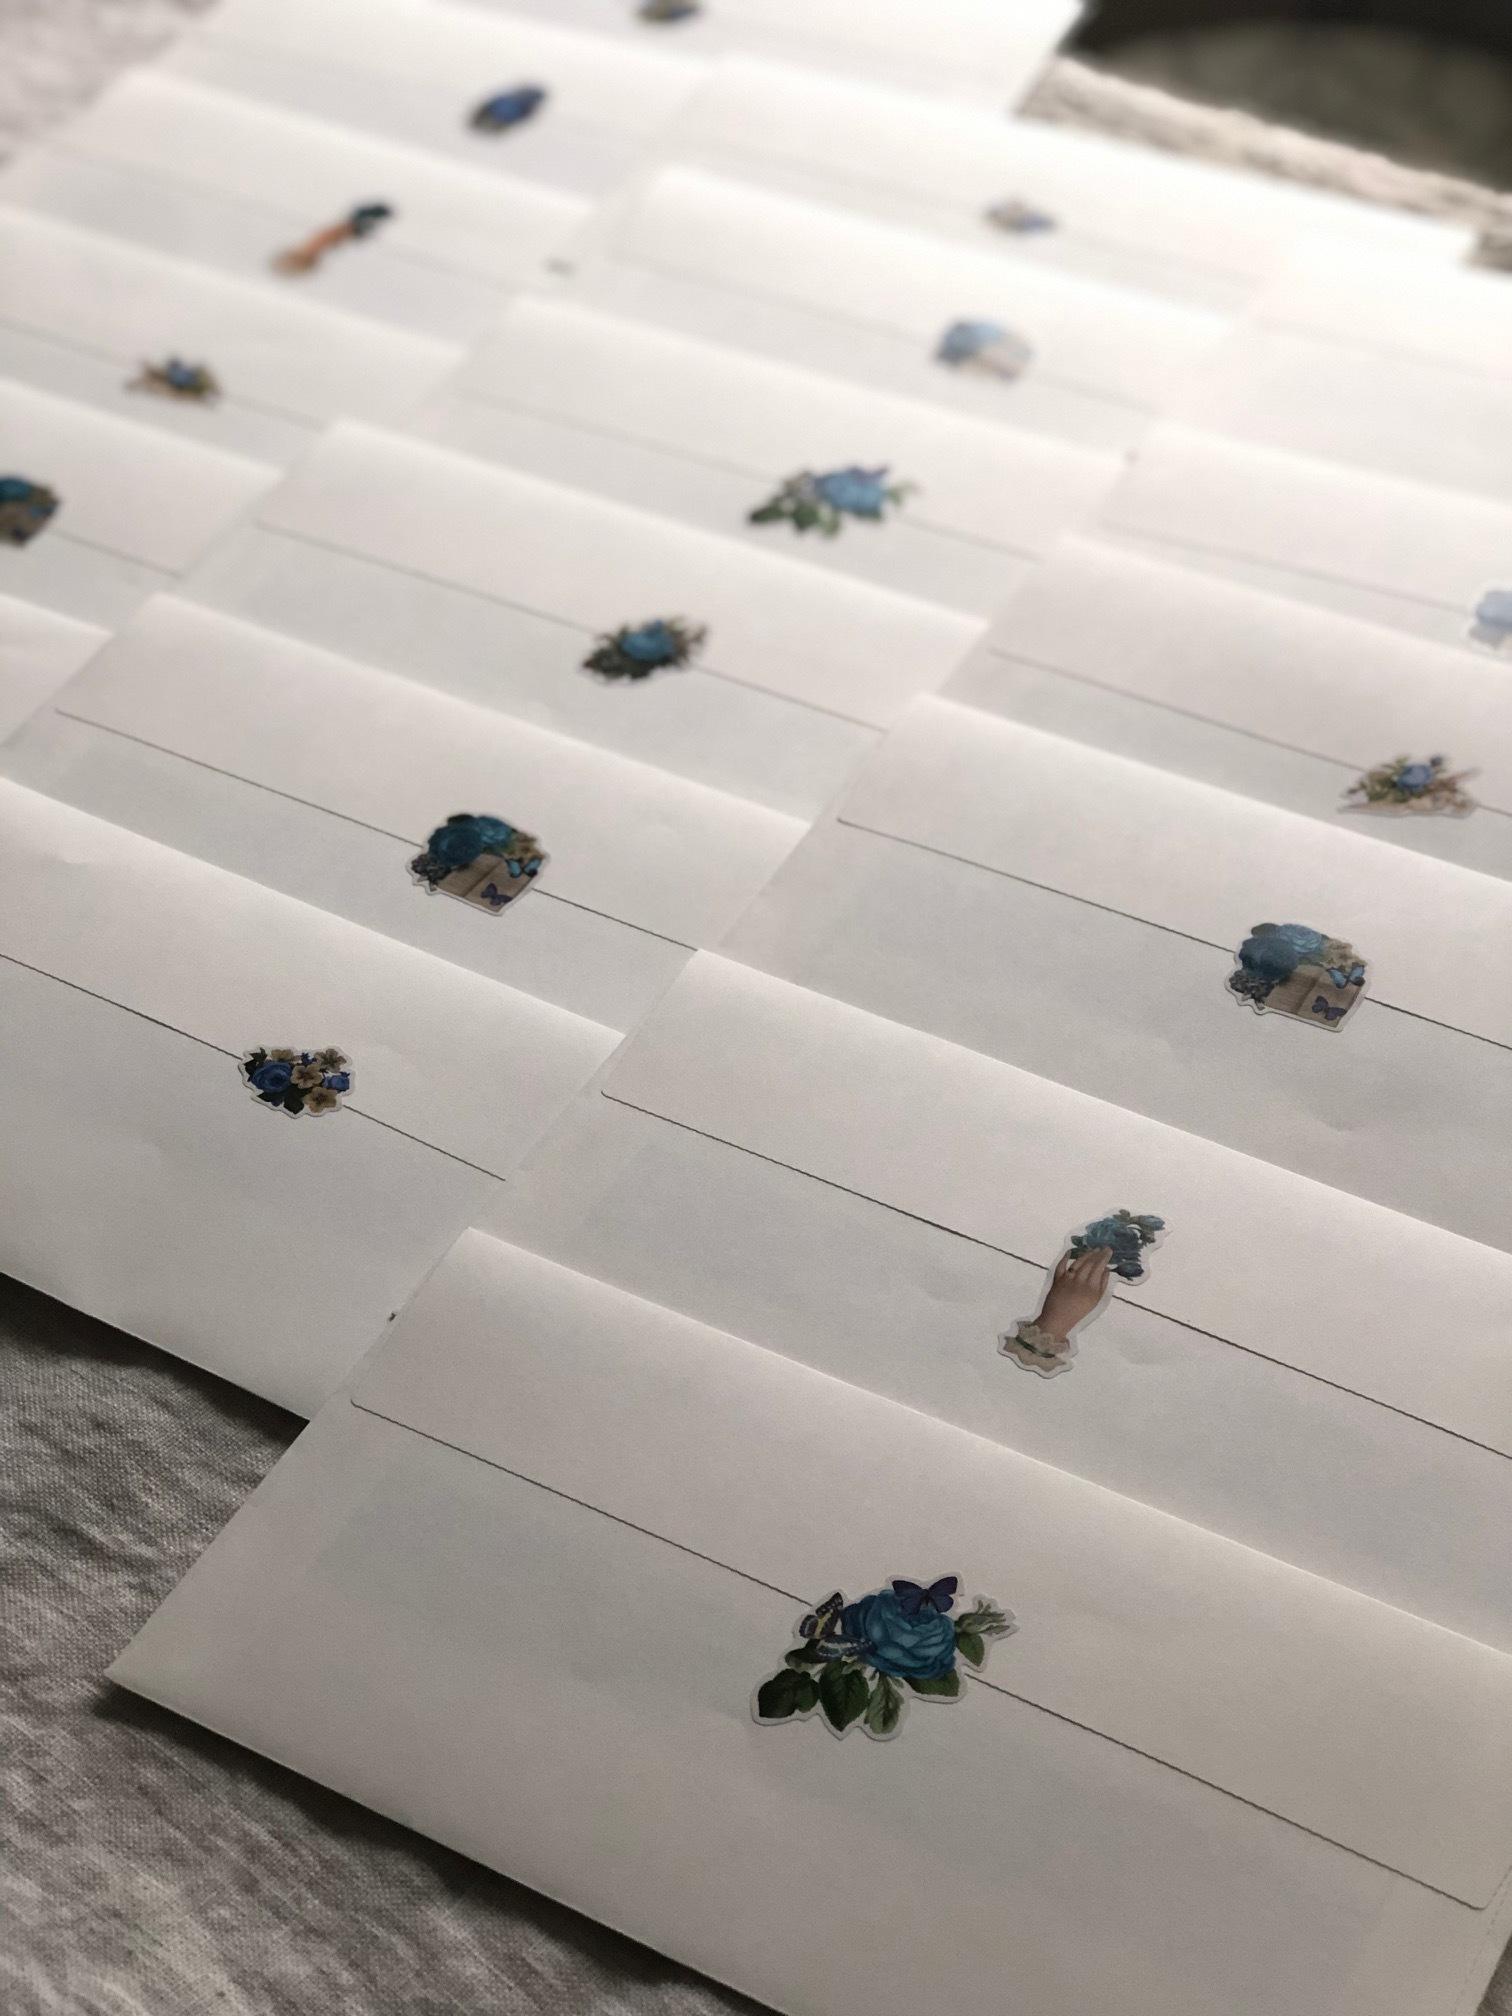 Seijiroファンクラブ「BLUE ROSE」会員証をご入会順に心を込めてお届けしています♡_a0157409_10402957.jpg